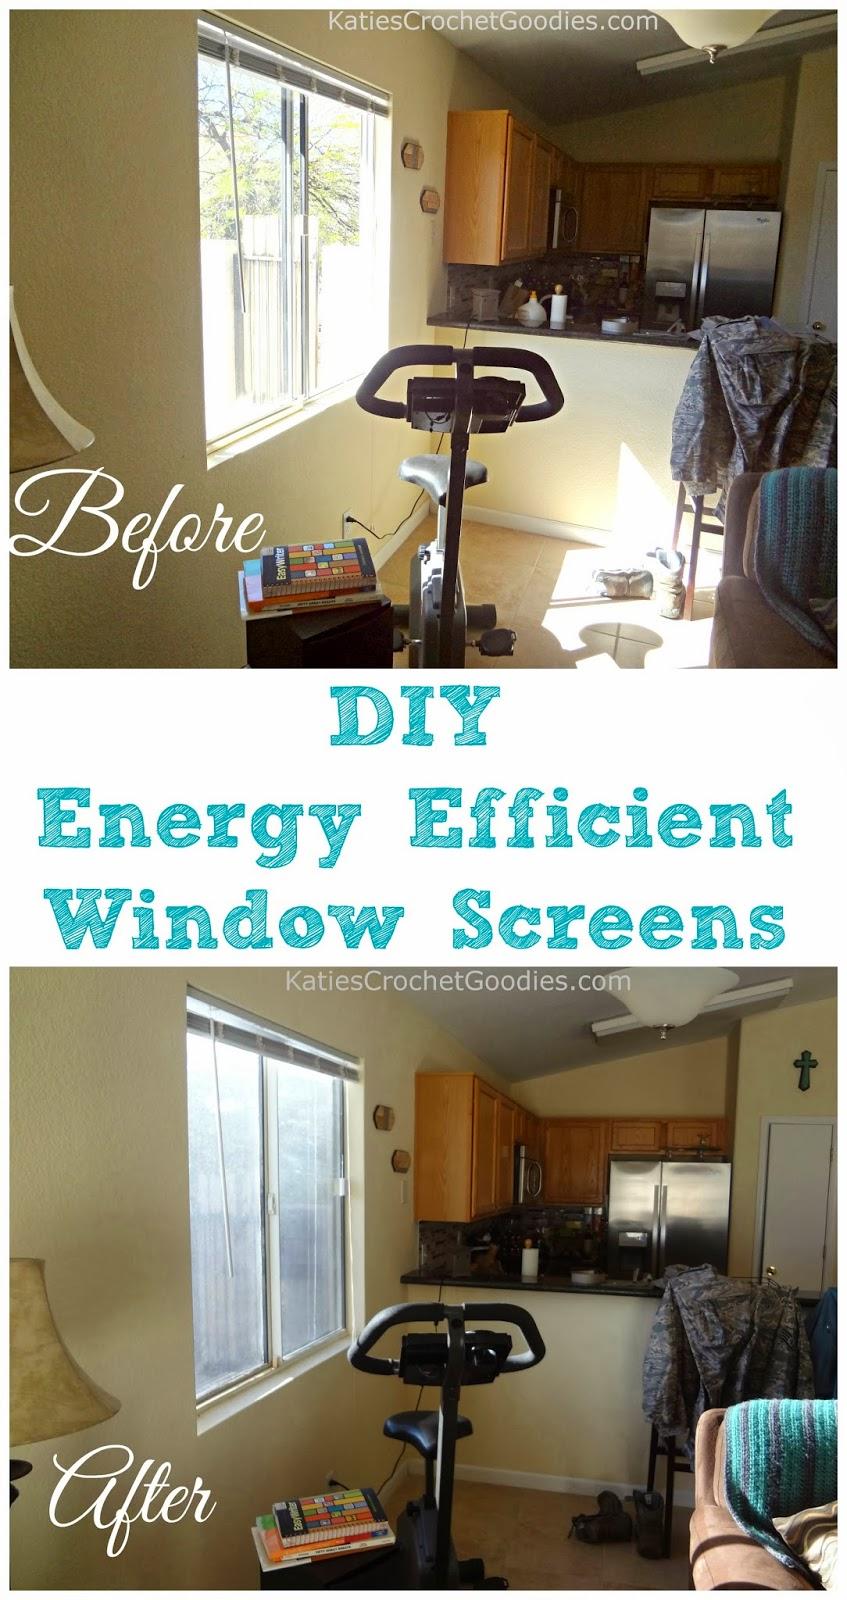 Diy Energy Efficient Window Screens Katie 39 S Crochet Goodies